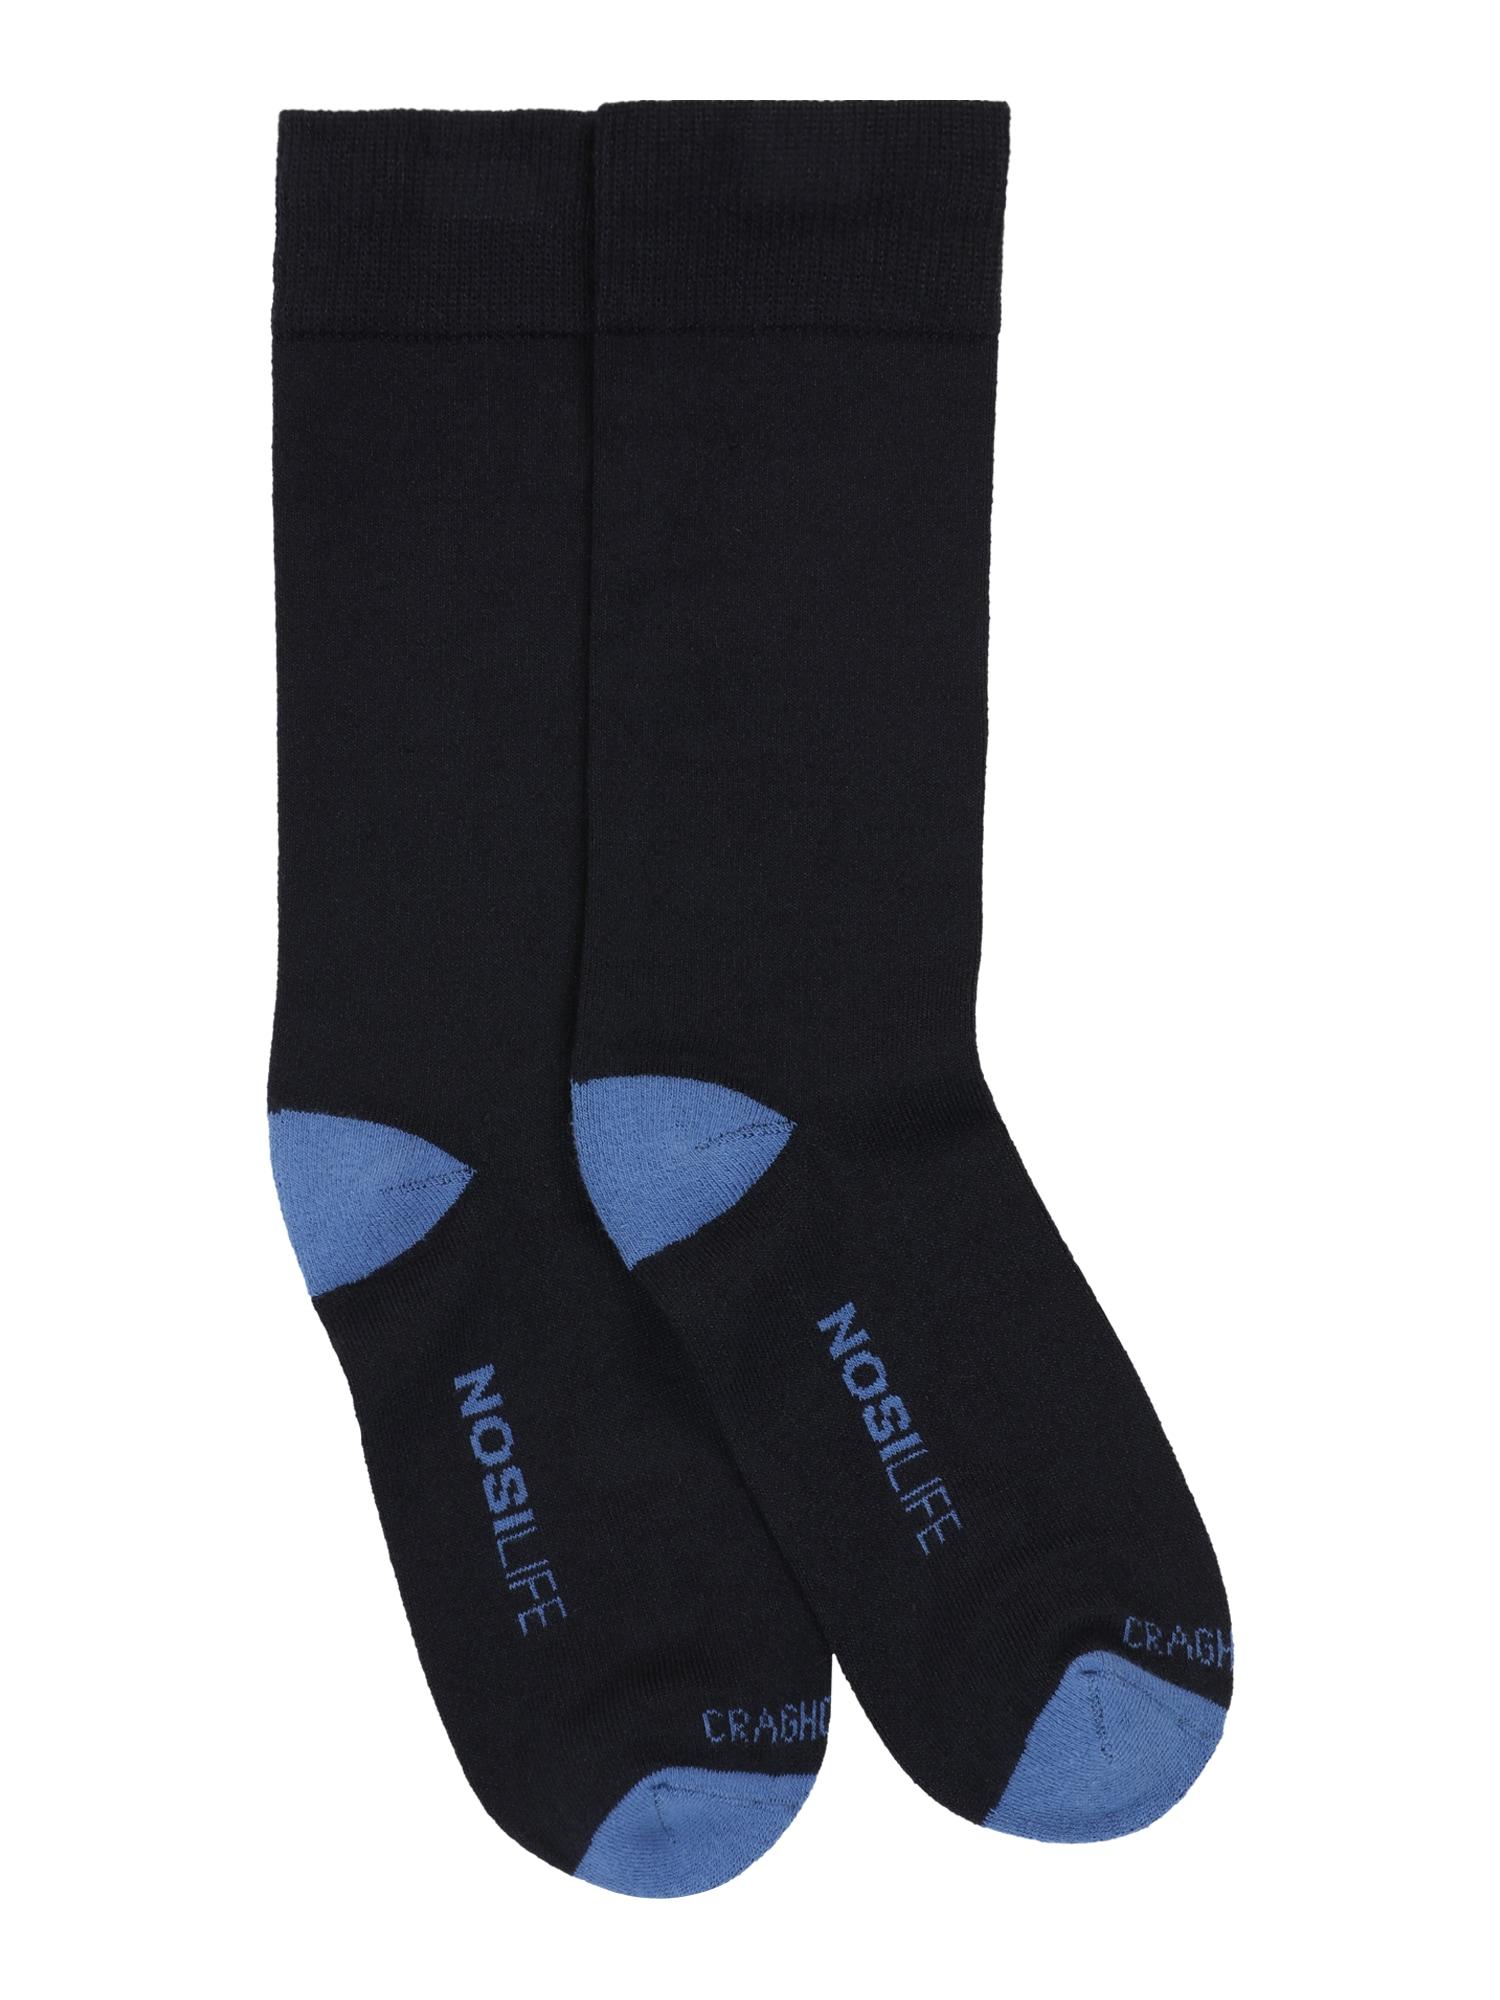 CRAGHOPPERS Sportinės kojinės